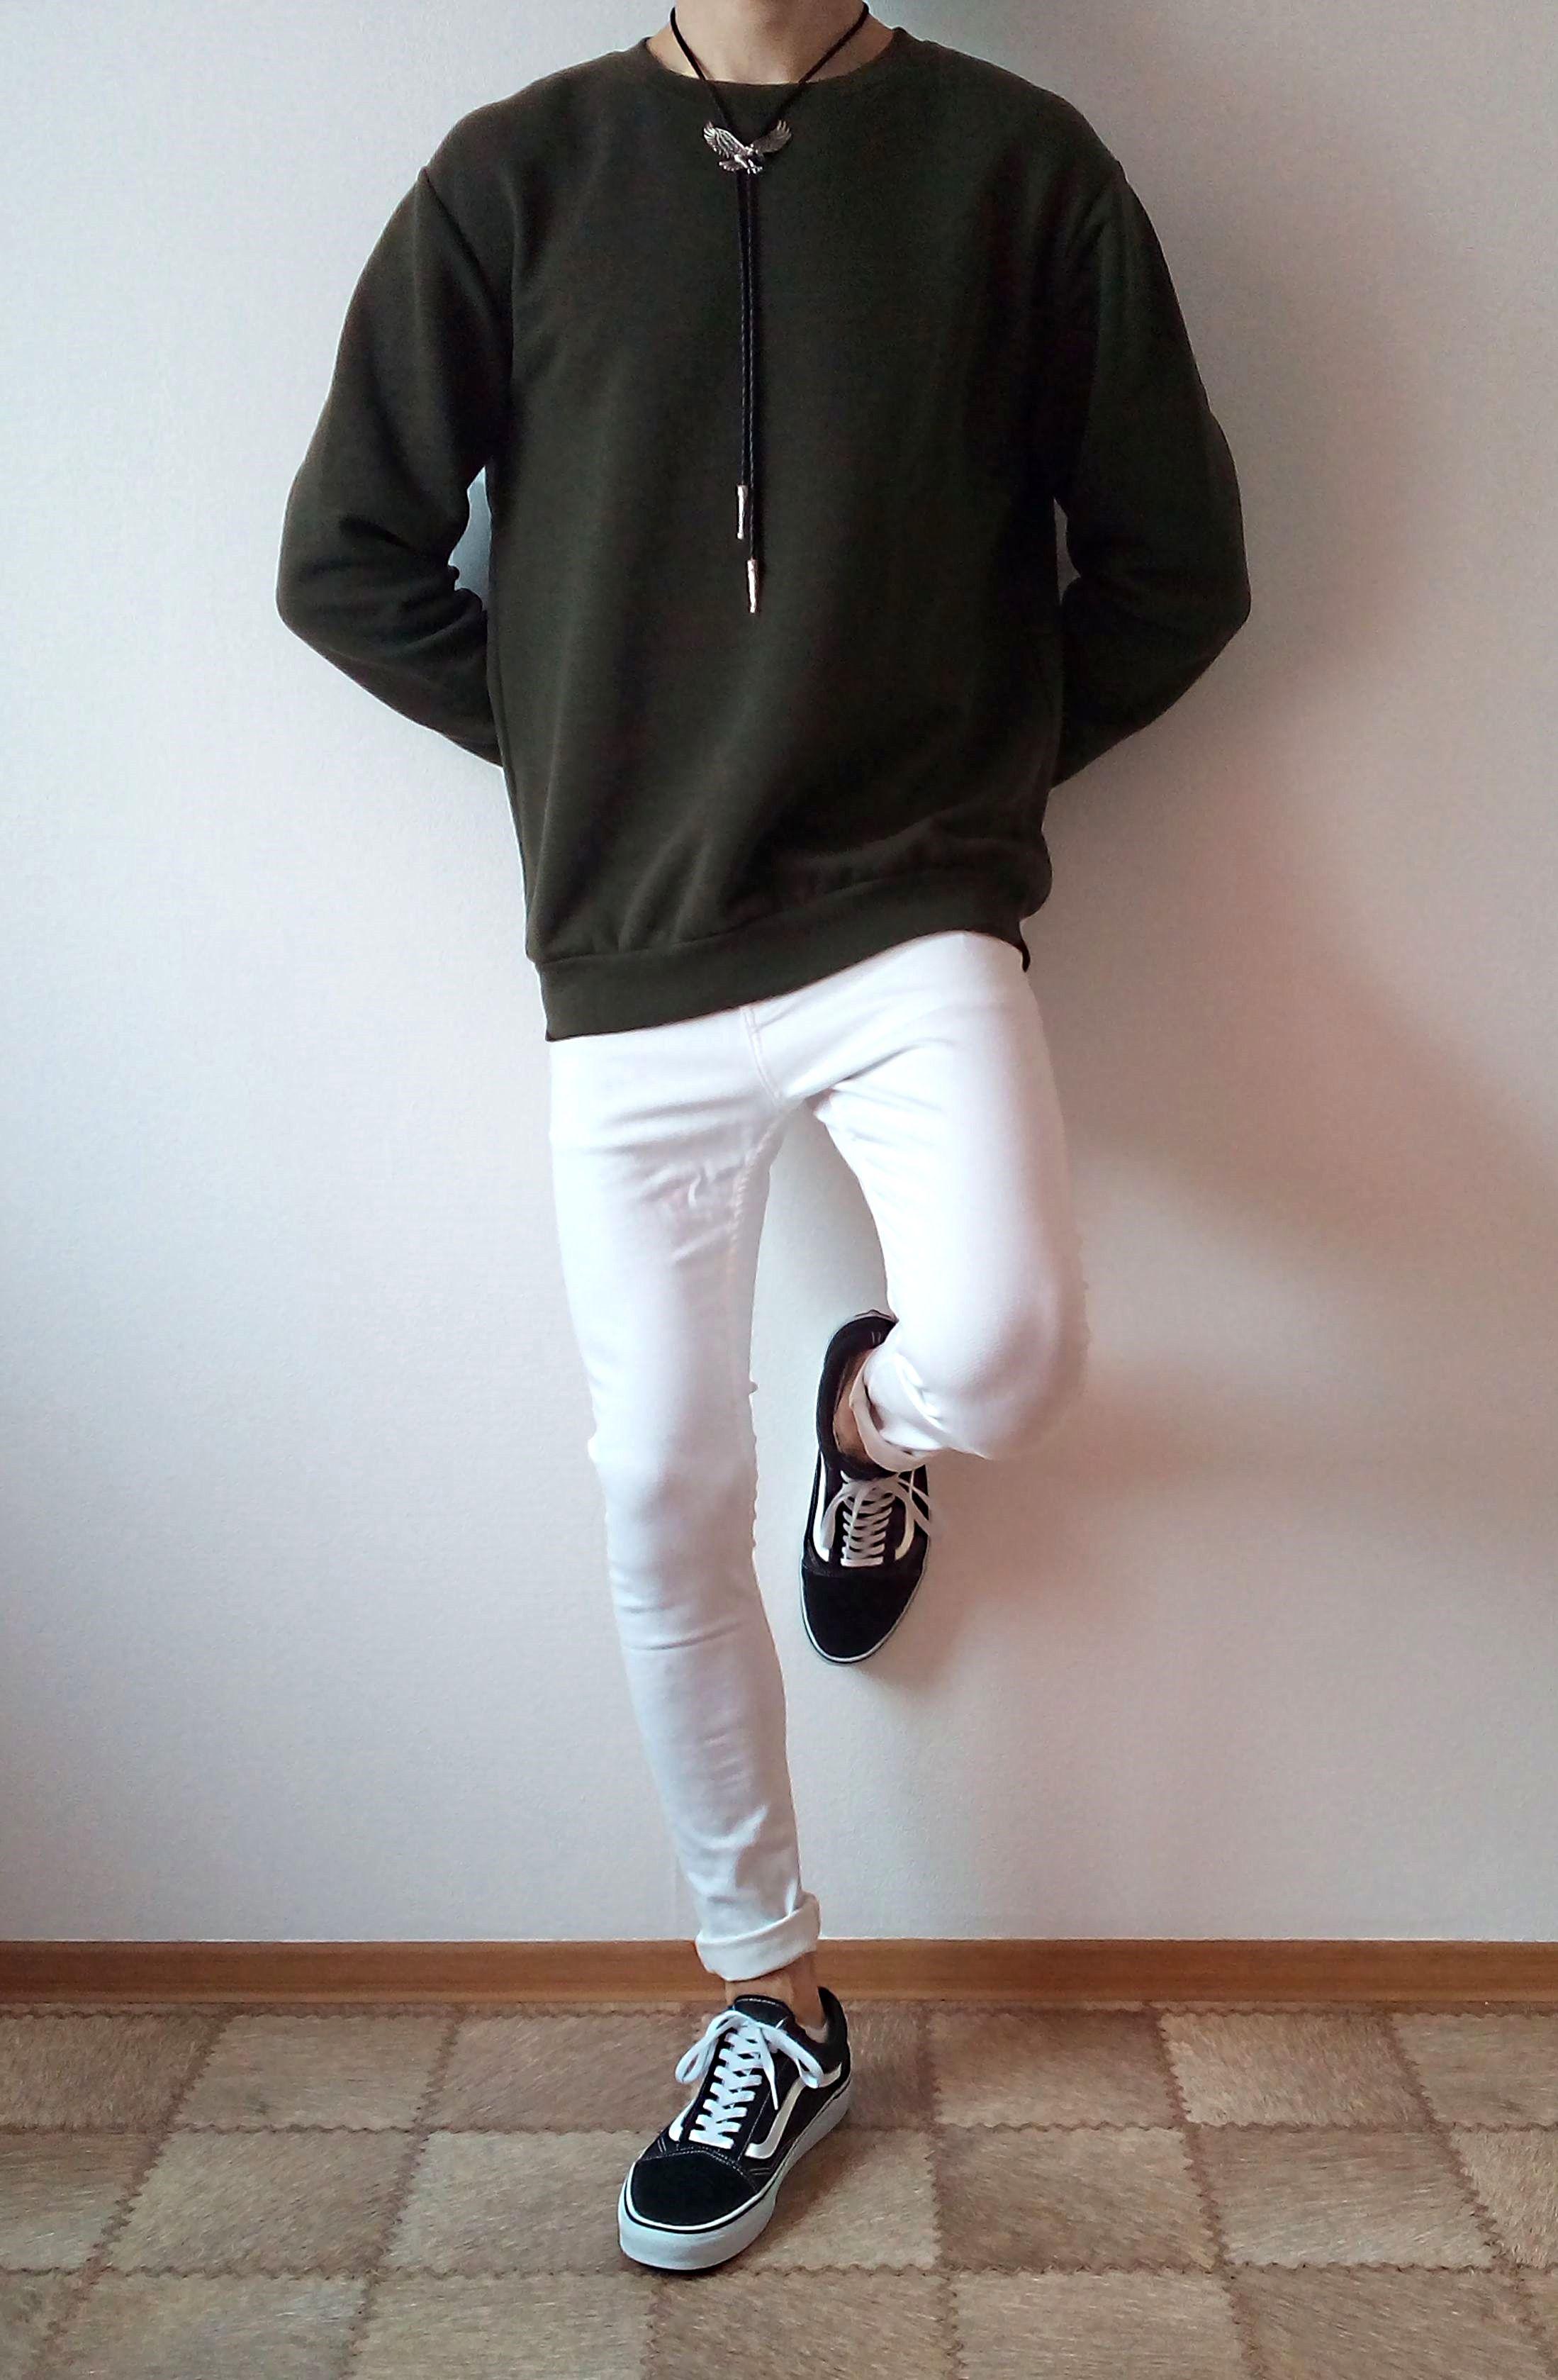 vans old skool white skinny jeans boys guys outfit | vans